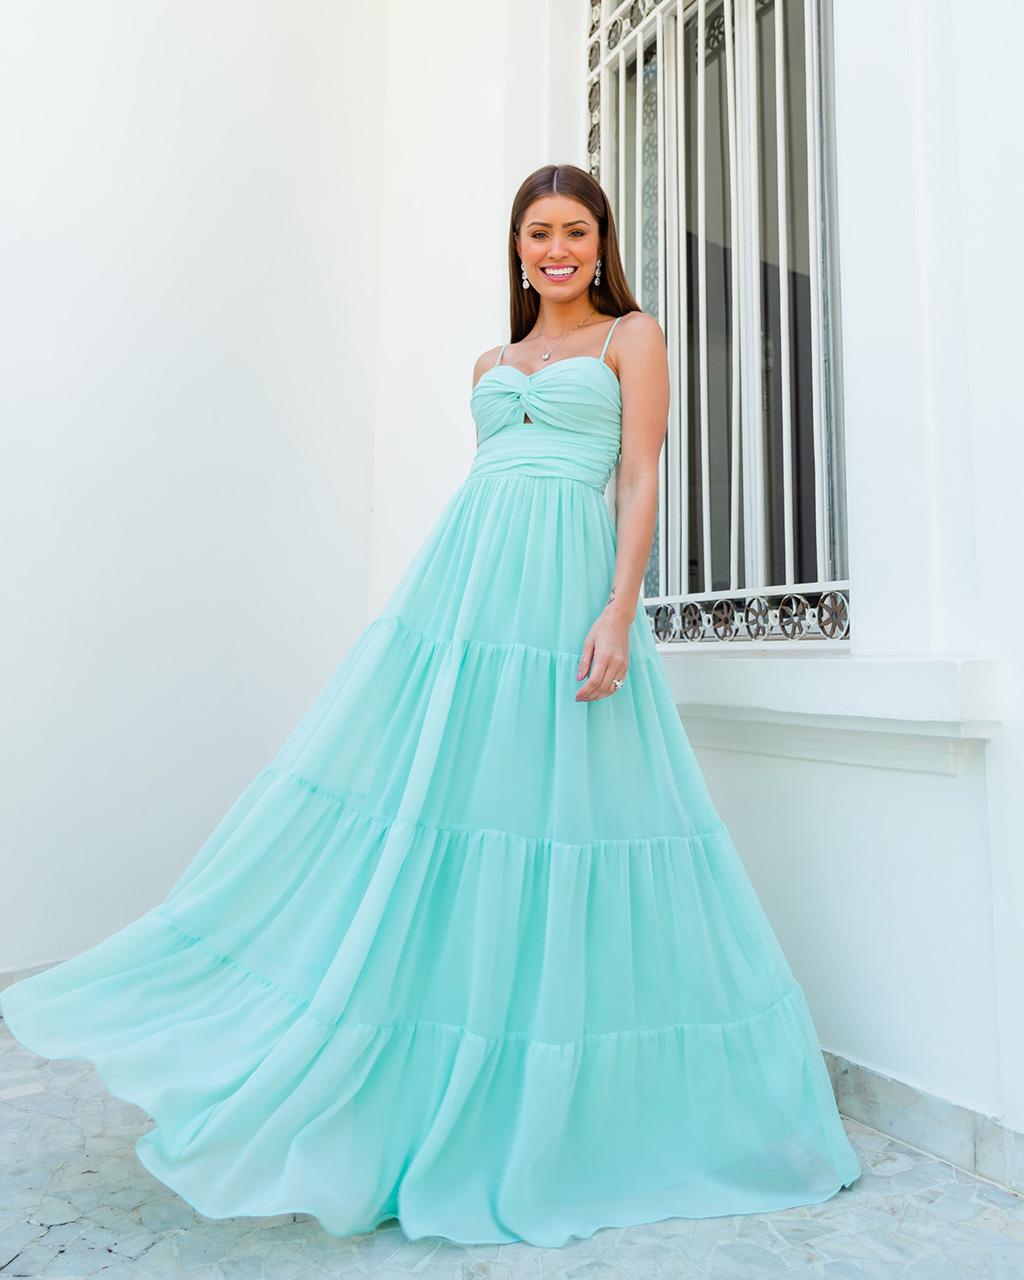 Vestido Flavia  - Empório NM